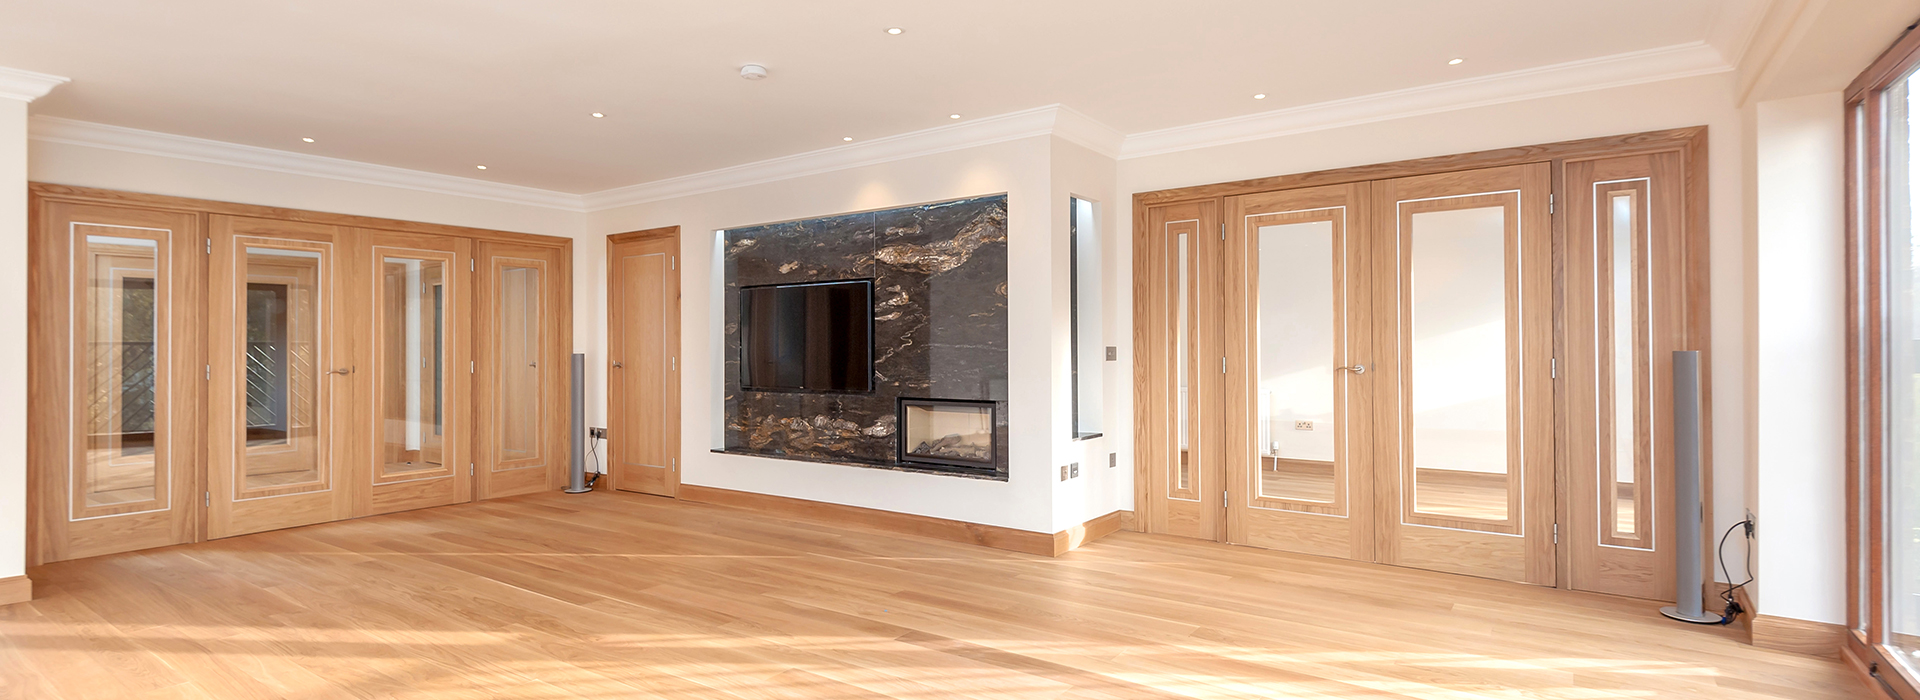 Bespoke oak screens